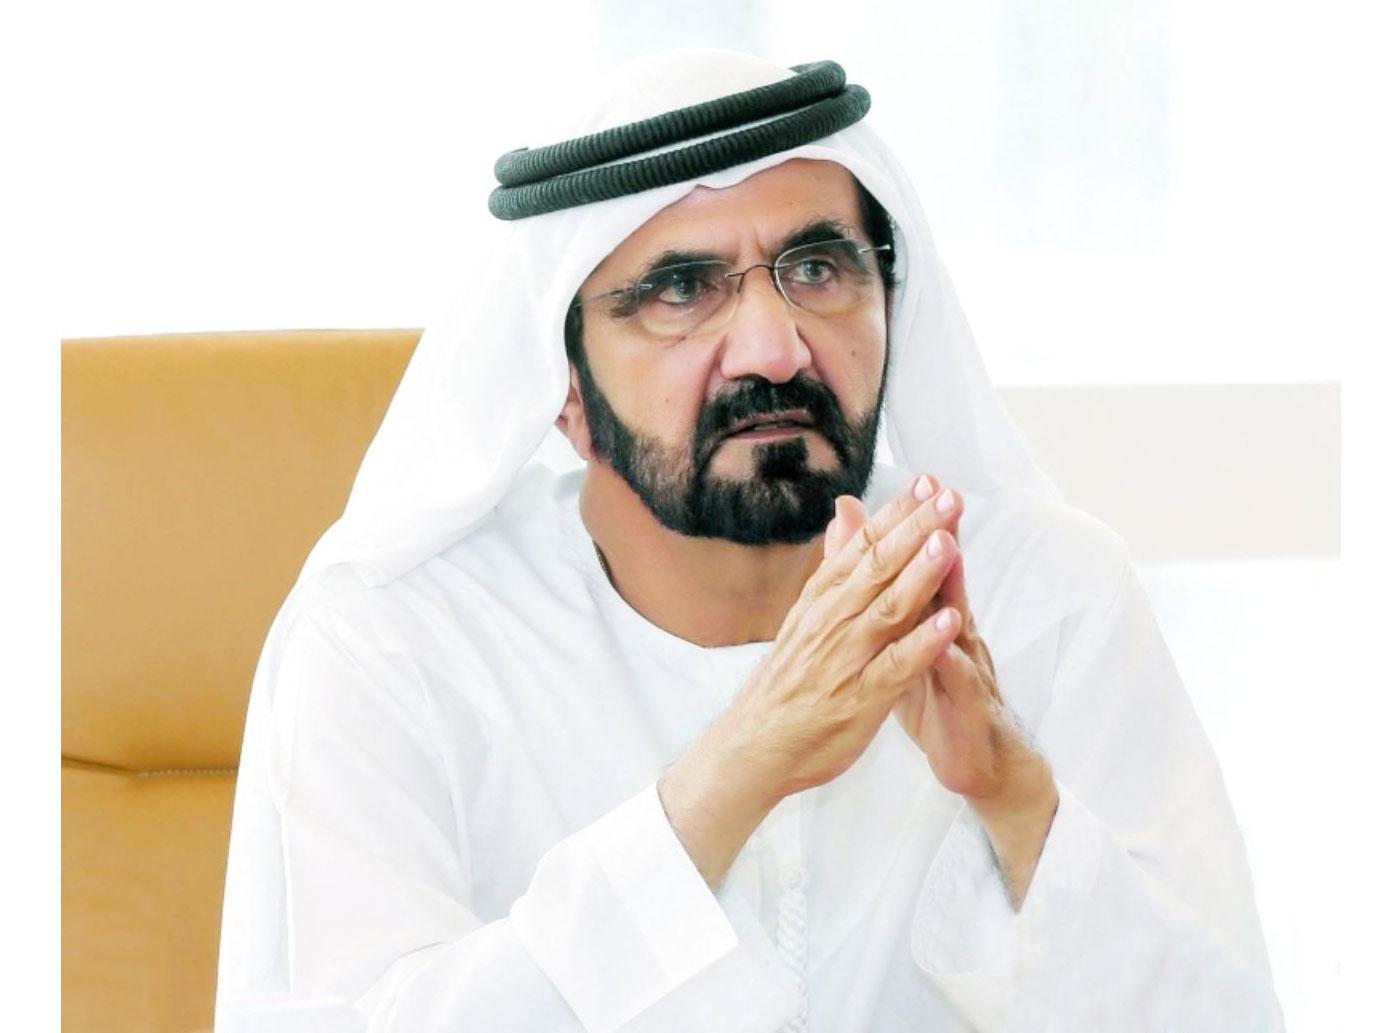 المناطق الحرة في دبي تطلق حزمة حوافز اقتصادية